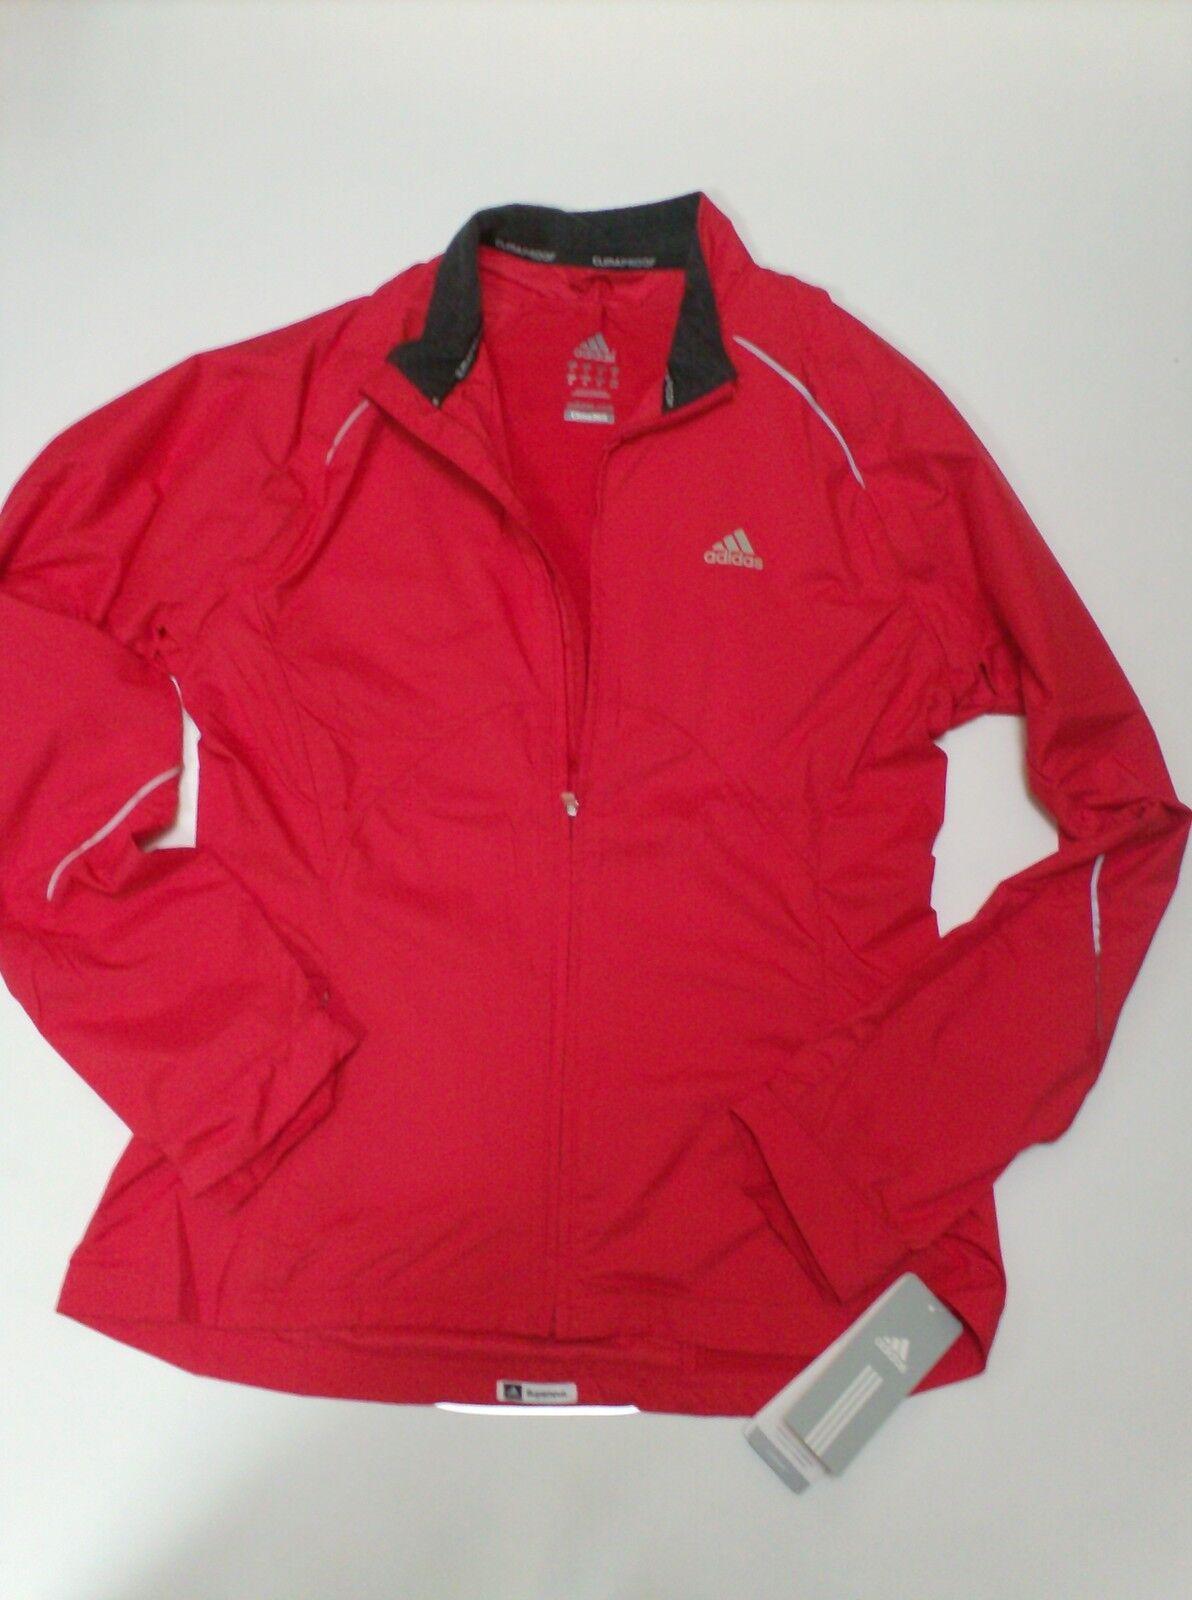 Adidas súpernova conv.  2in1 cazadora talla 40 corre chaqueta e88182  Los mejores precios y los estilos más frescos.